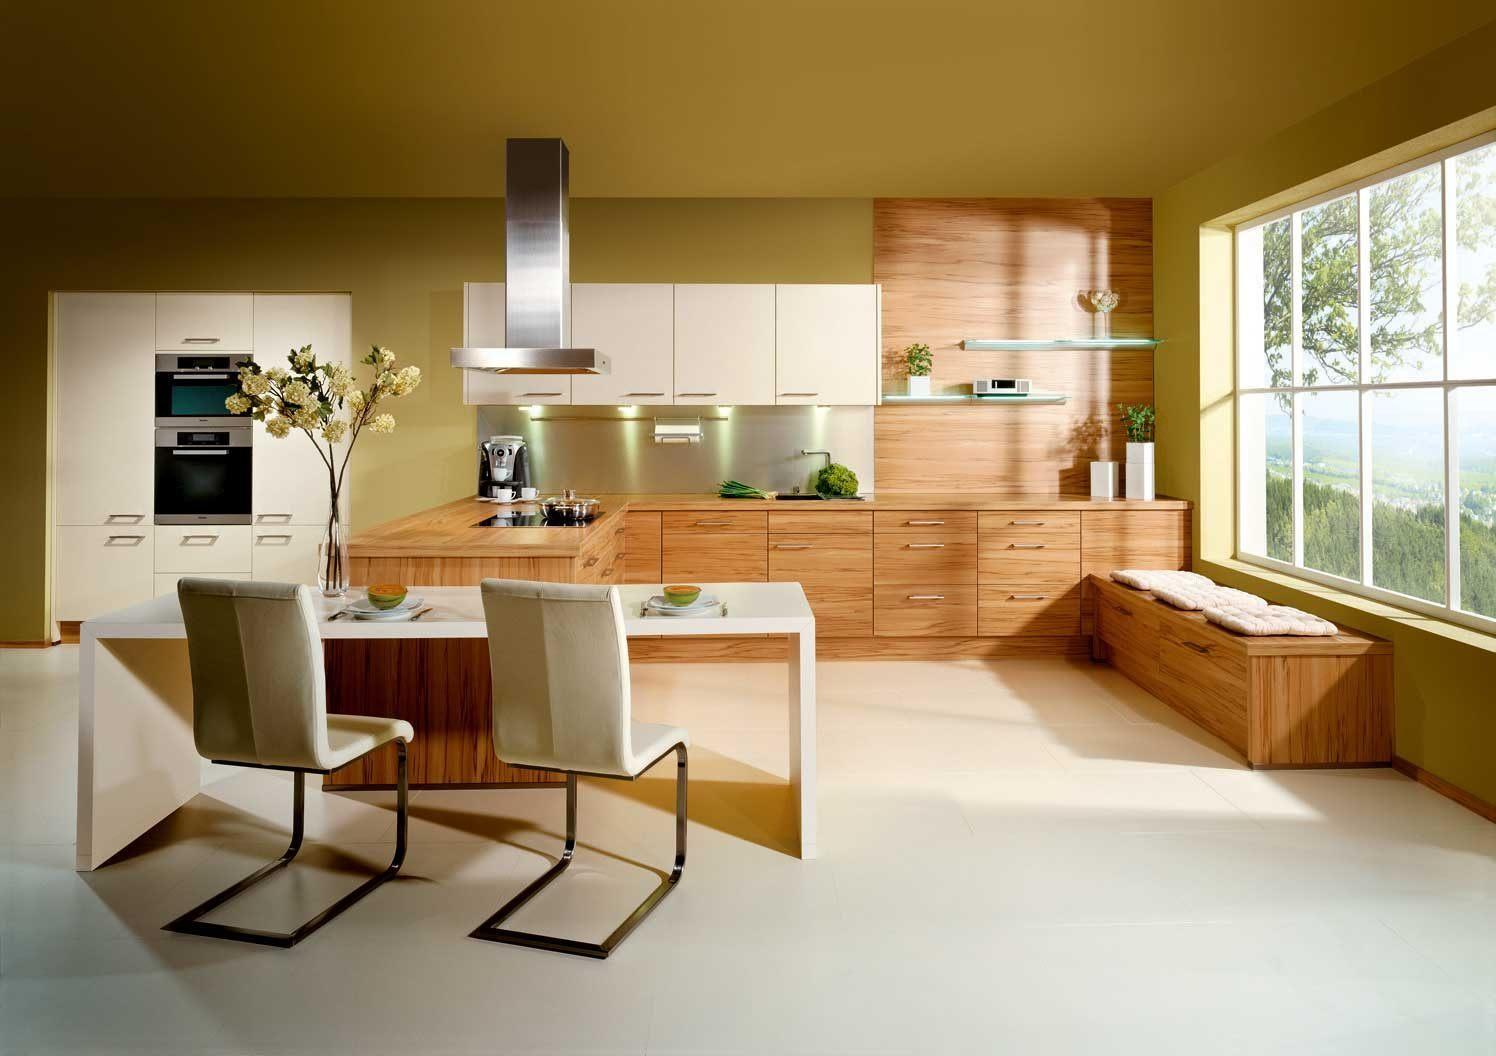 #3B2605 DICAS de como usar Balcões na sua Cozinha Americana Amando  1496x1056 px Como Fazer Balcão De Cozinha Americana #1701 imagens